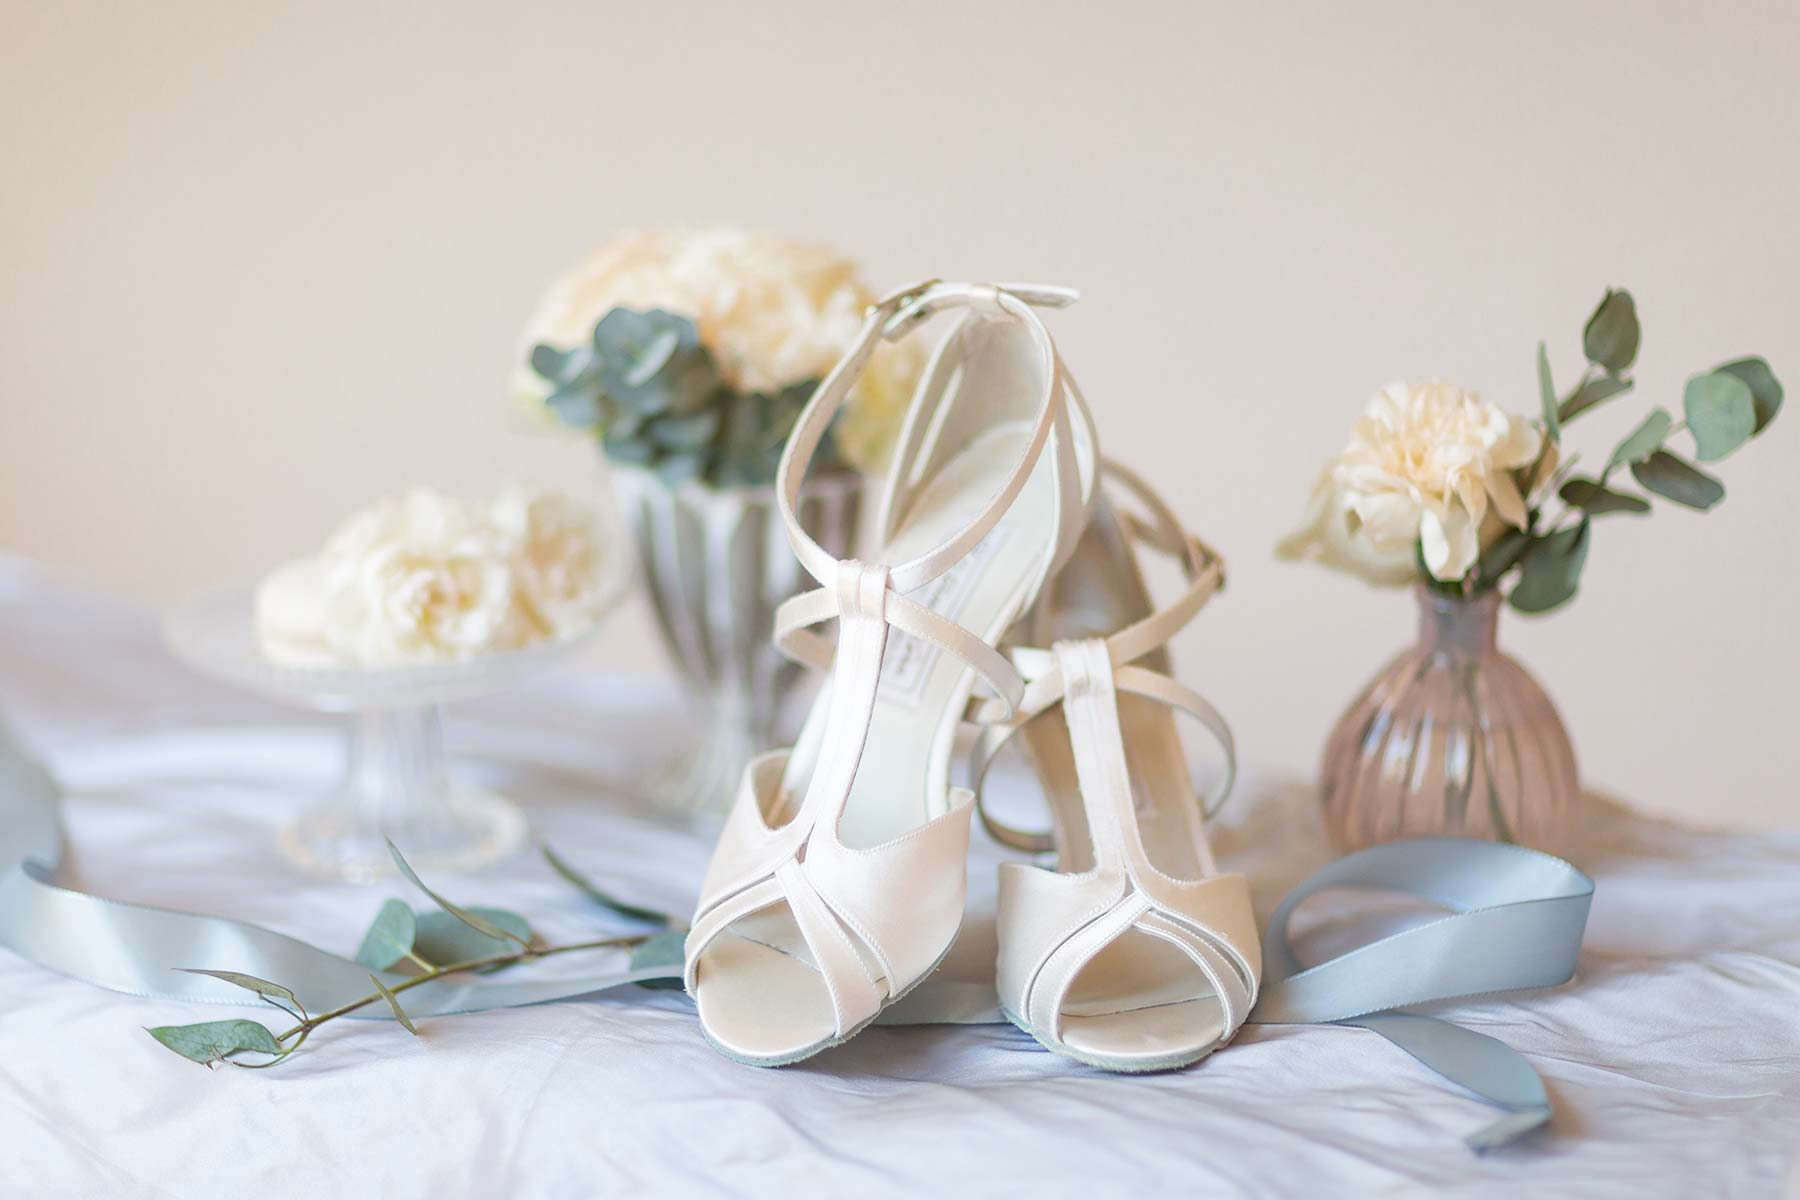 Werner kern francis bridal bruidsschoenen met lederen zool